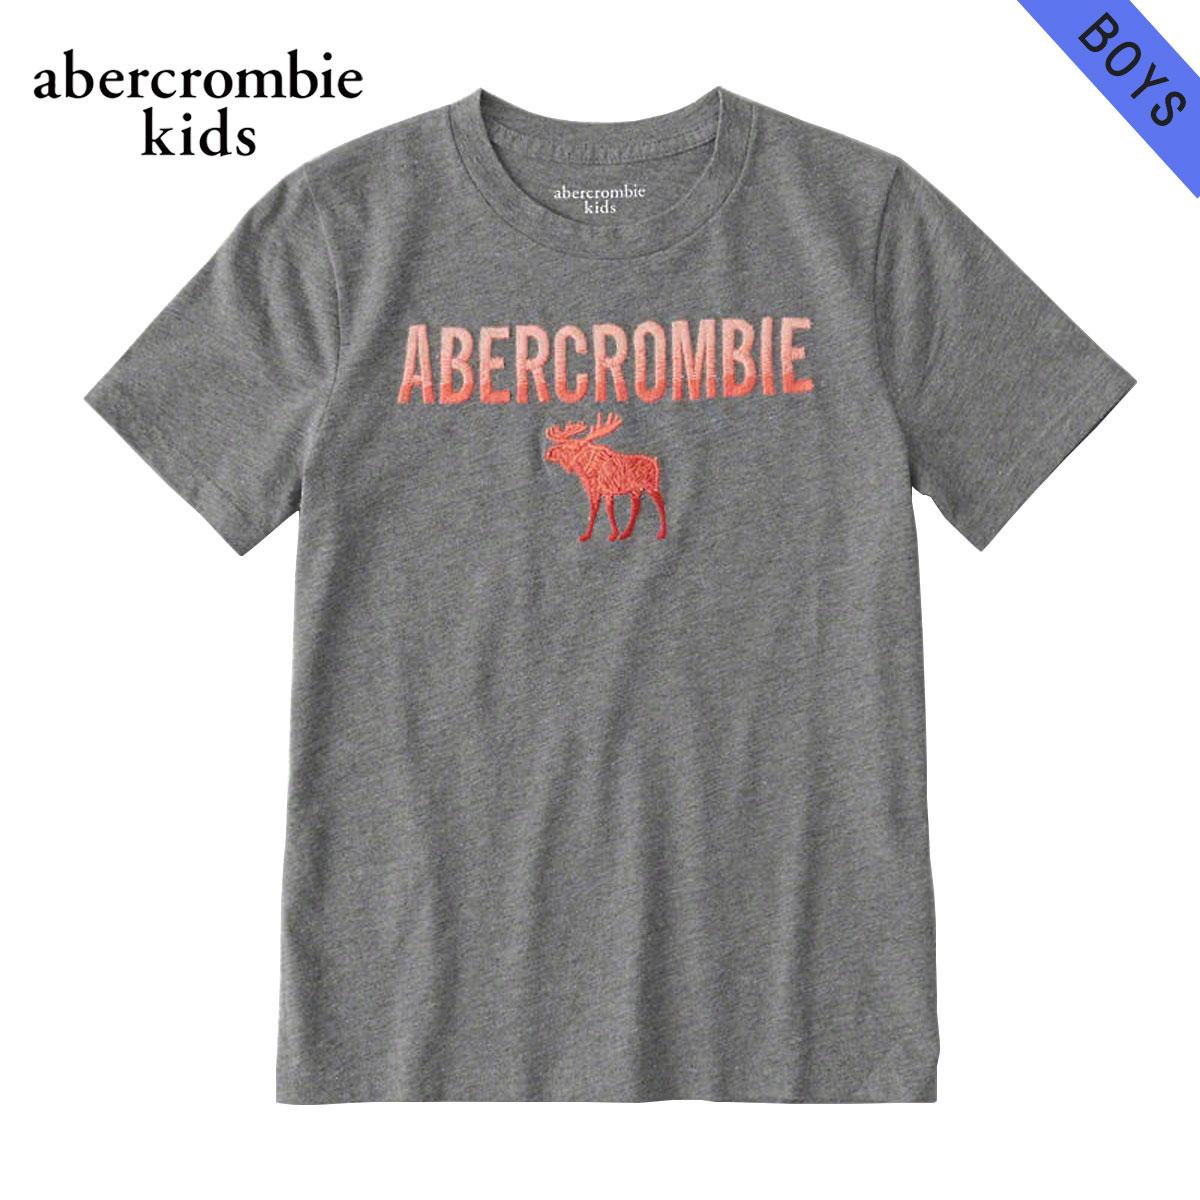 アバクロキッズ AbercrombieKids 正規品 子供服 ボーイズ 半袖Tシャツ logo graphic tee 223-616-0138-013